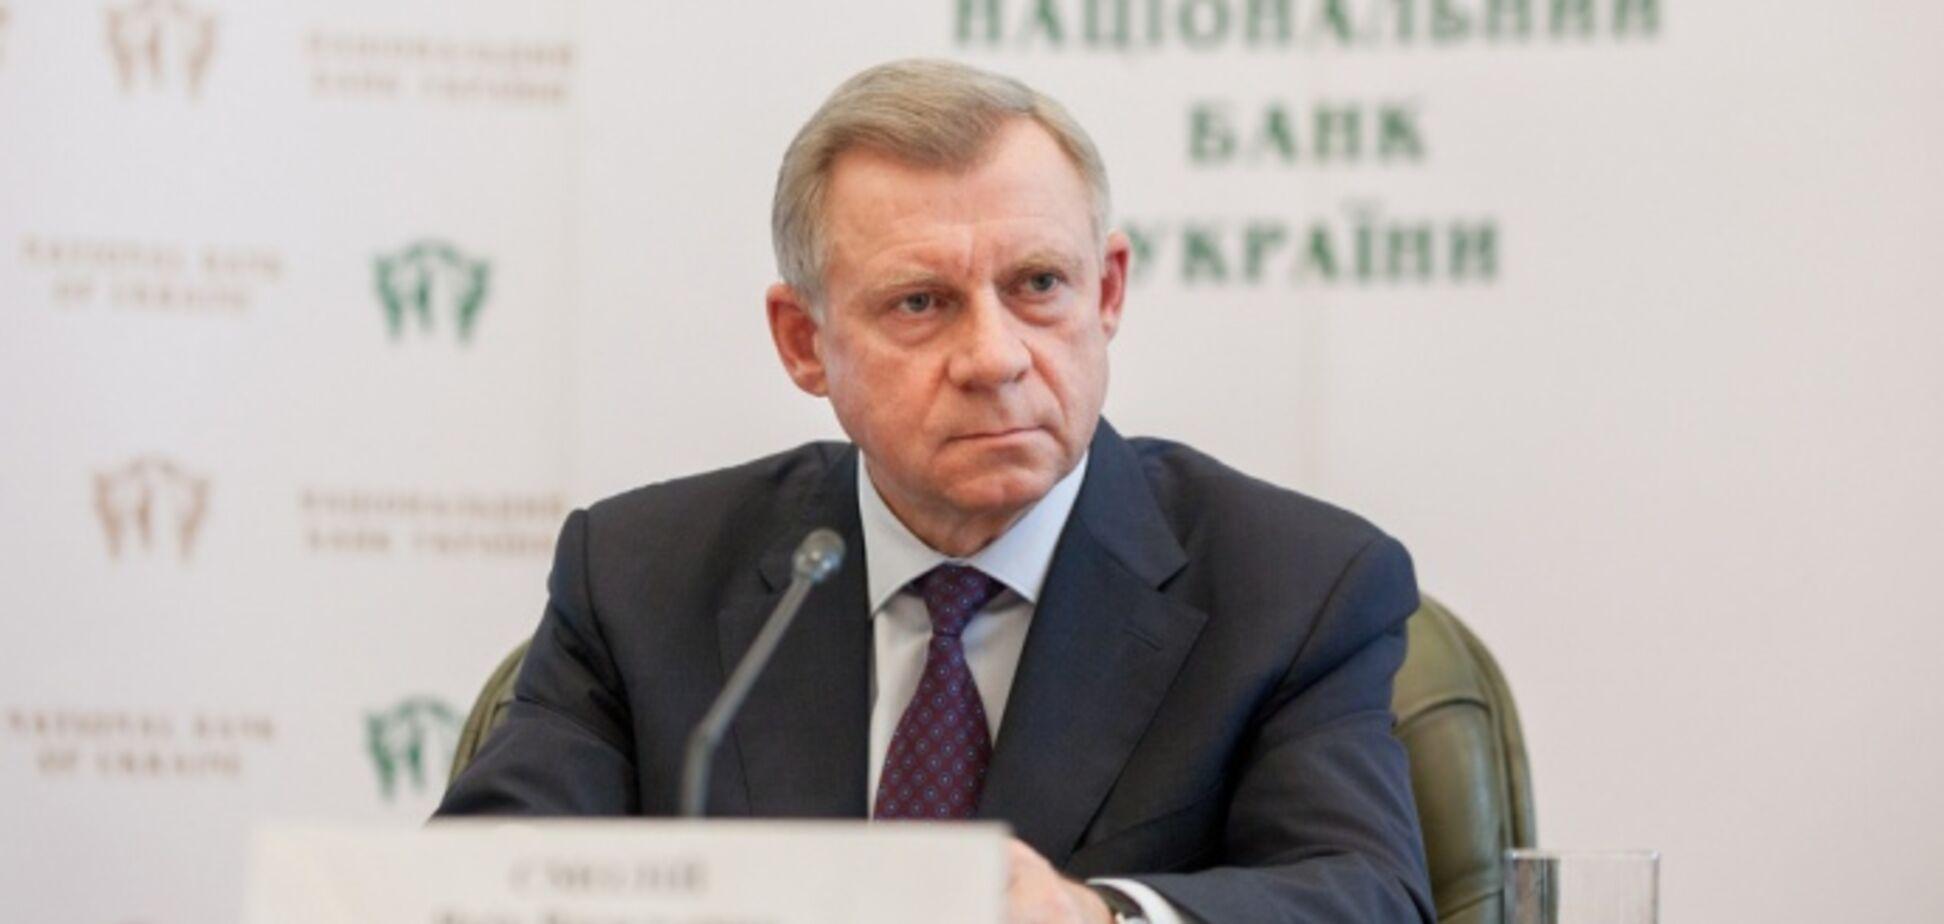 Депозиты не должны быть основным источником дохода украинцев – и.о. главы НБУ